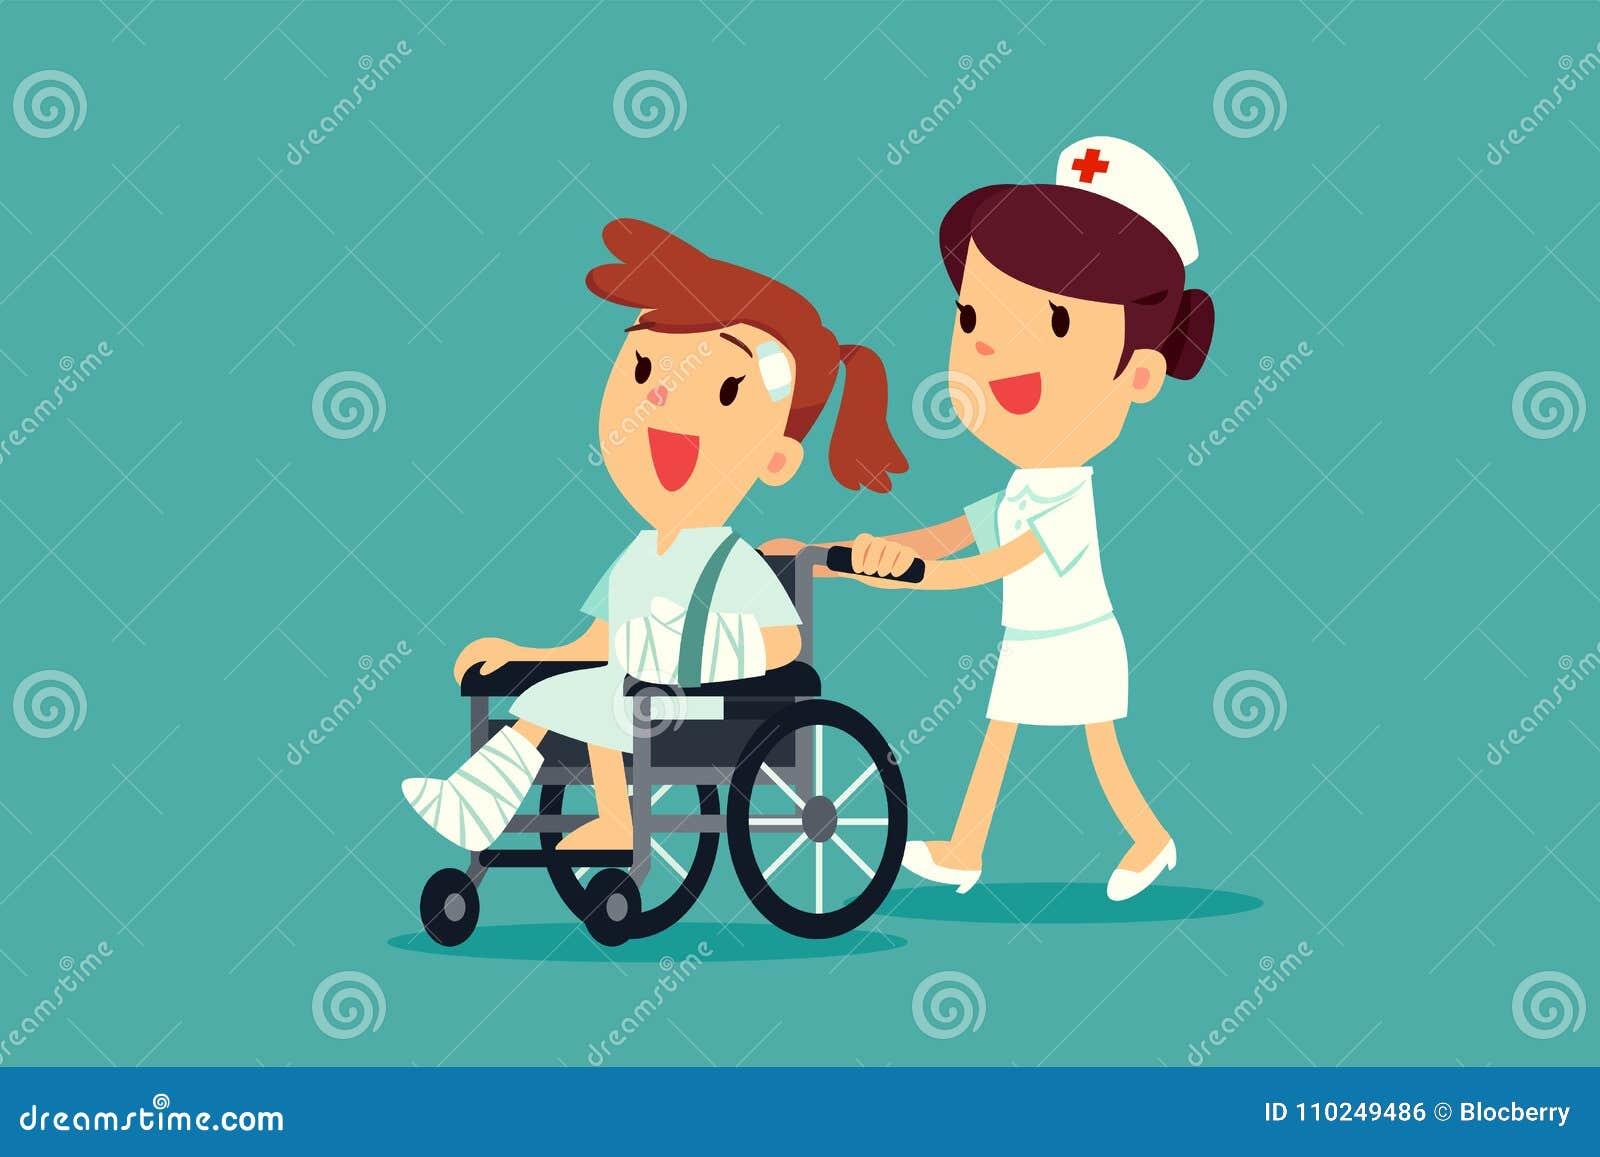 Νοσοκόμα που ωθεί την τραυματισμένη γυναίκα στην αναπηρική καρέκλα